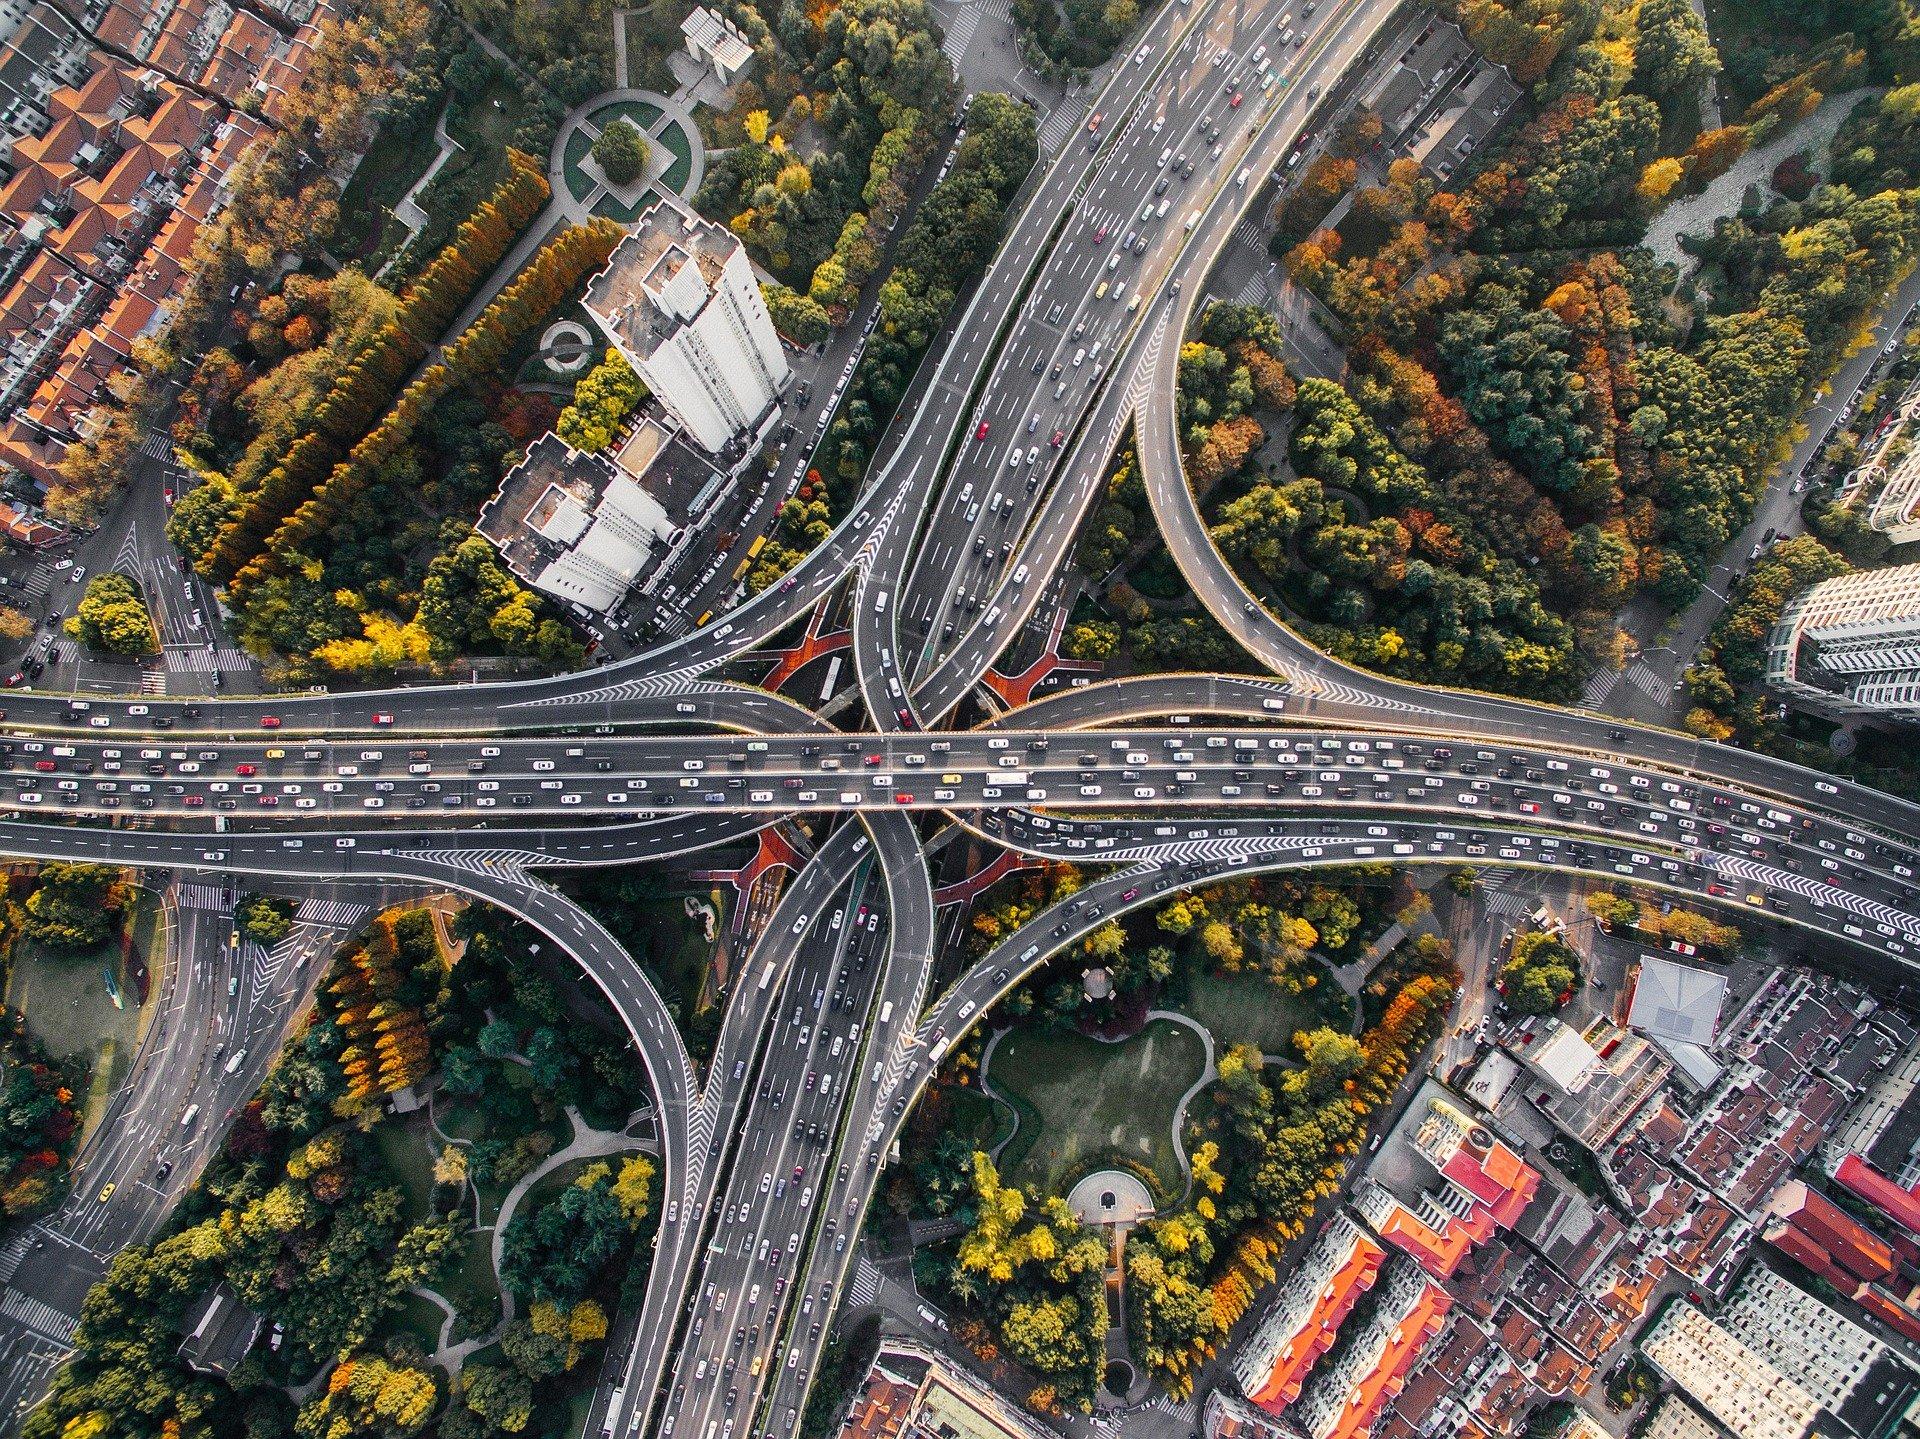 Pianificazione urbana - Foto di Pexels da Pixabay